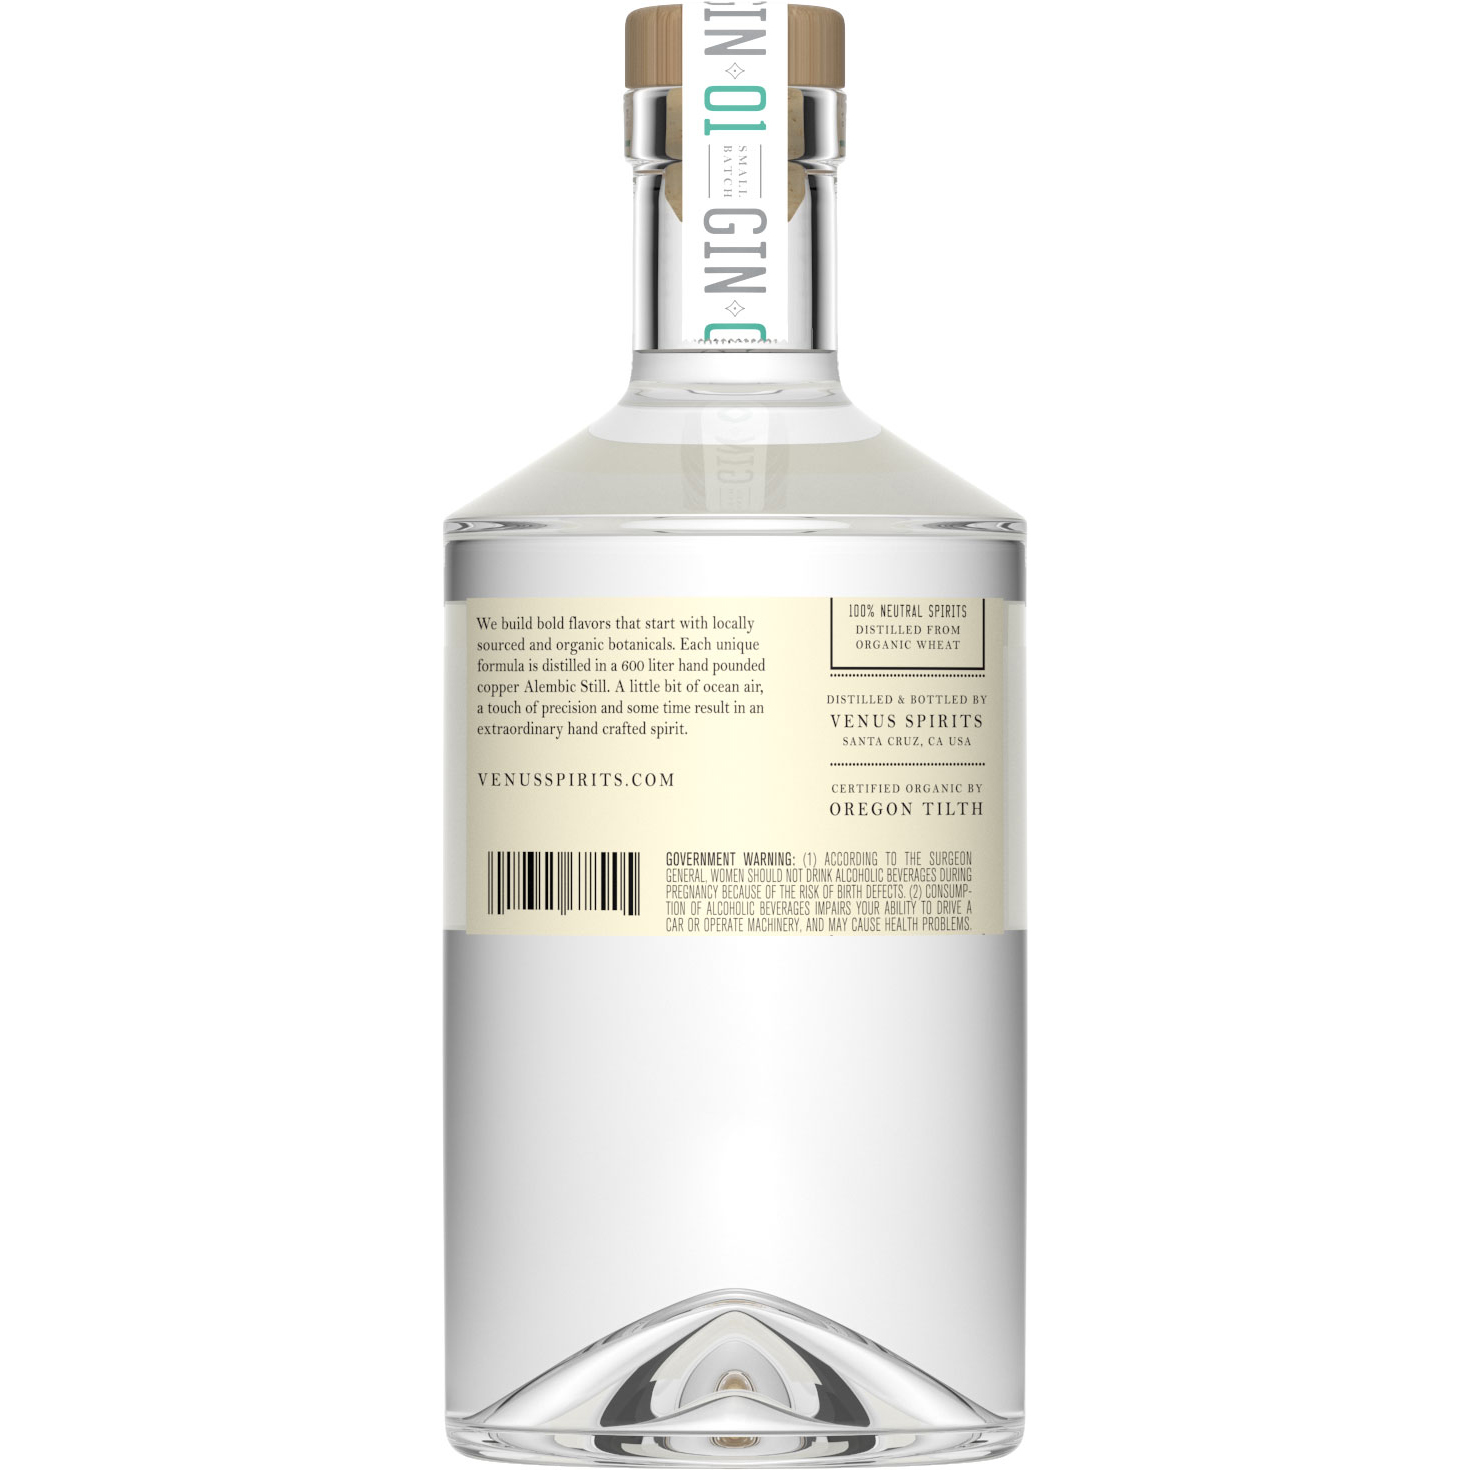 venus-gin-bottle_back.jpg